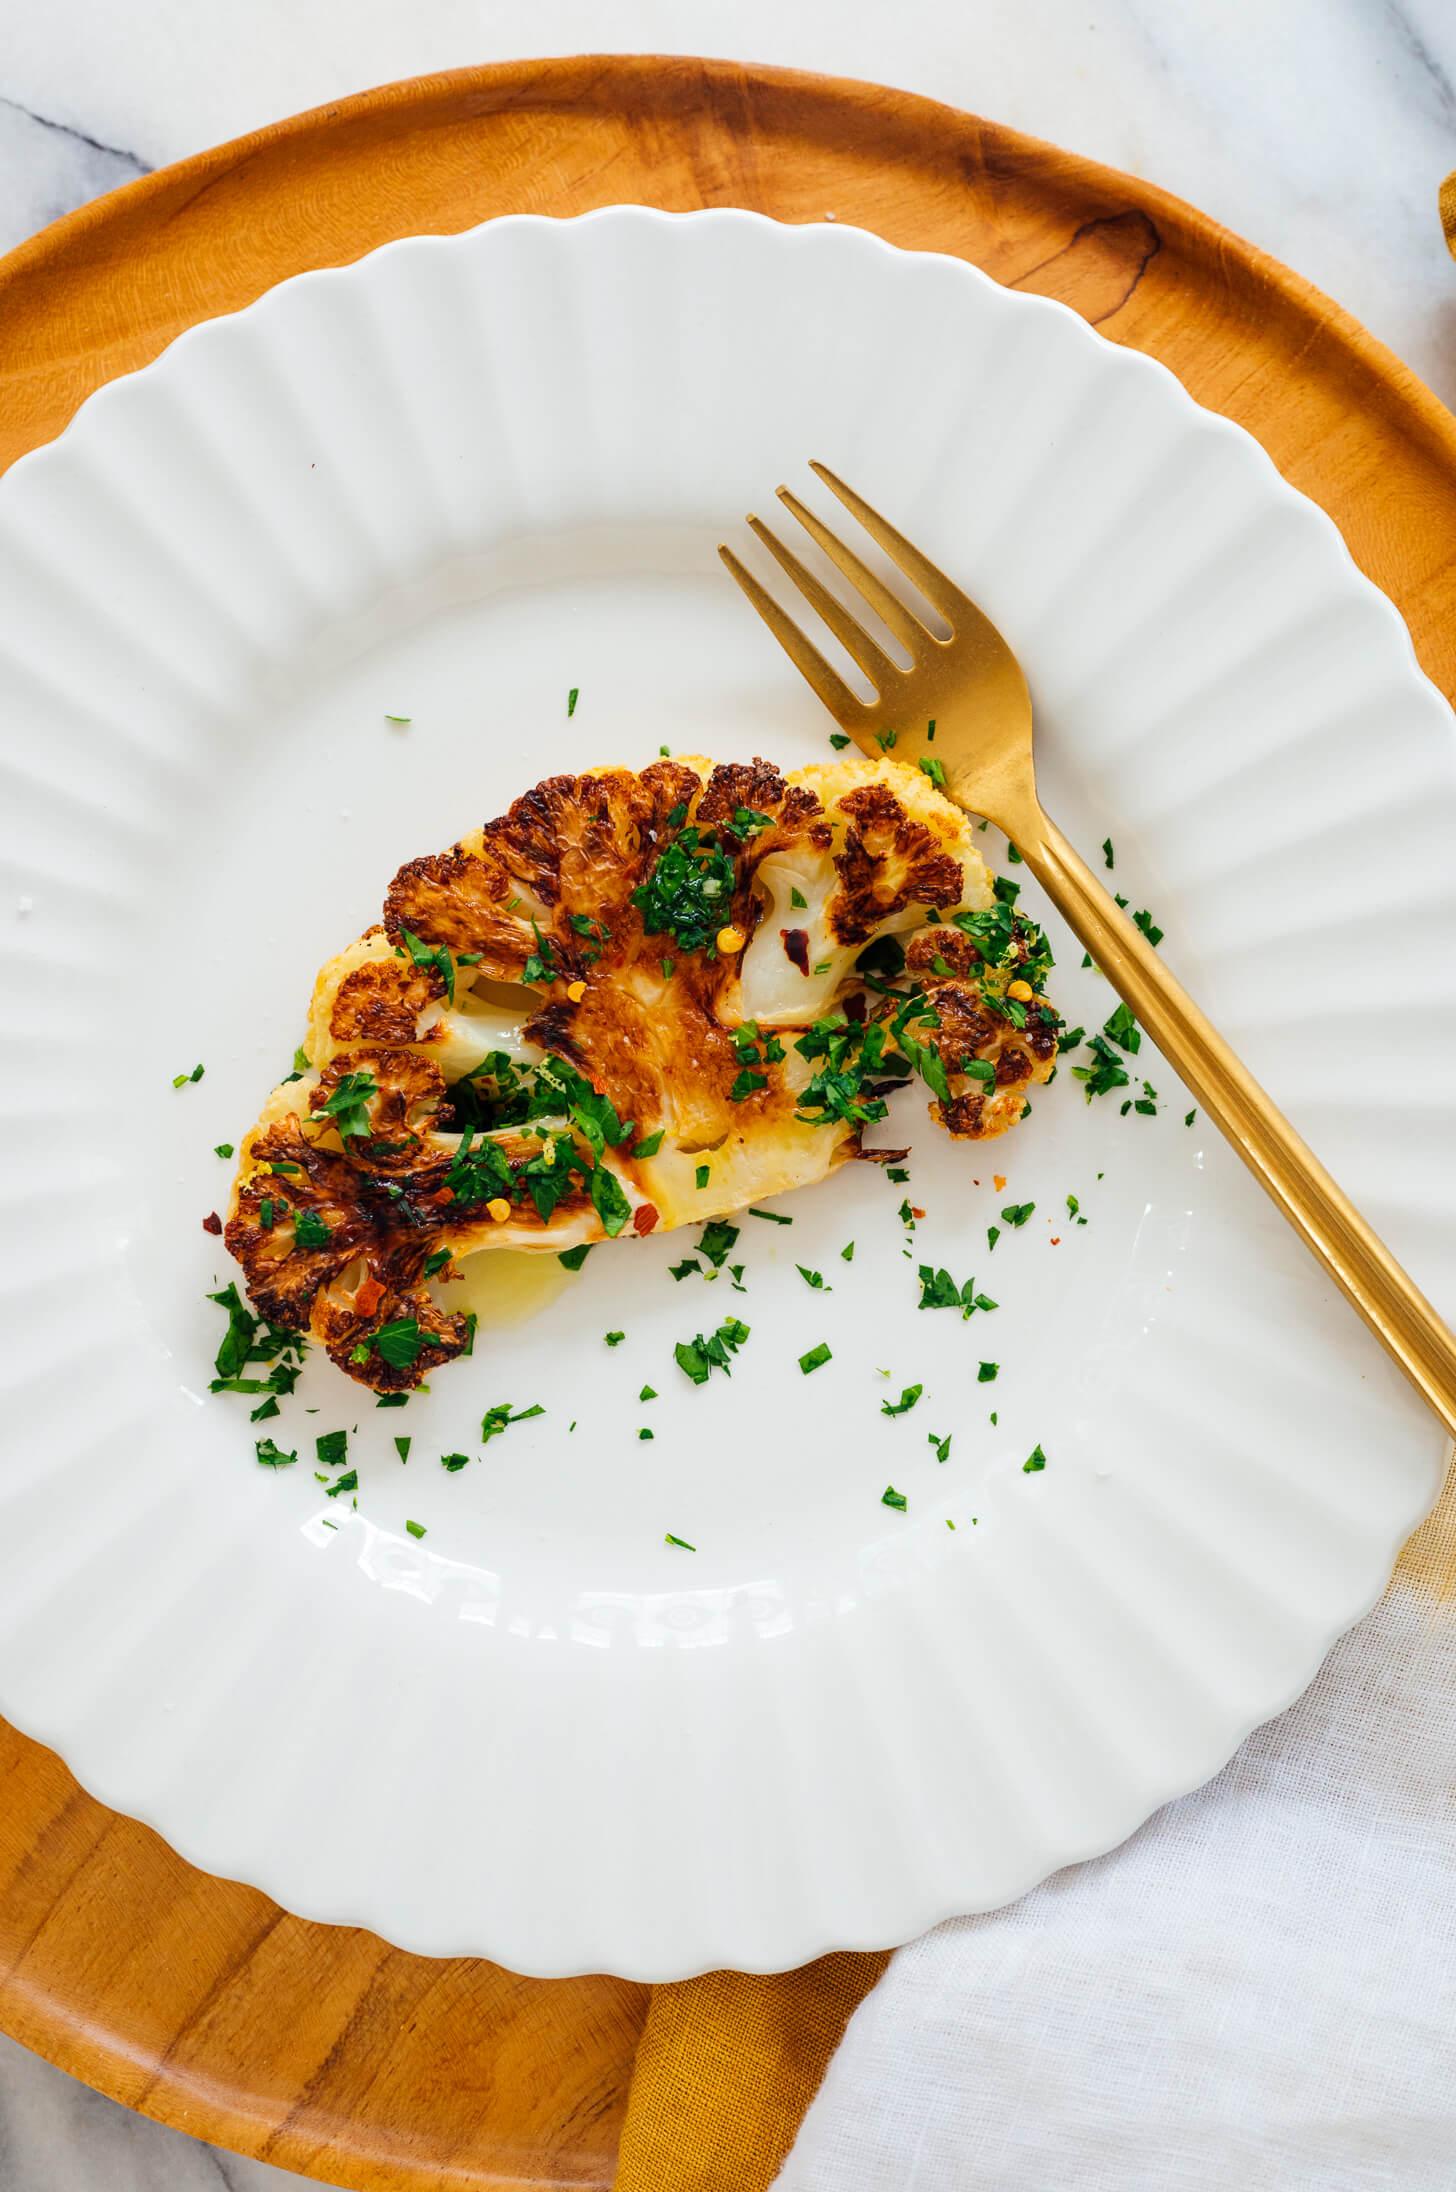 cauliflower steak on plate